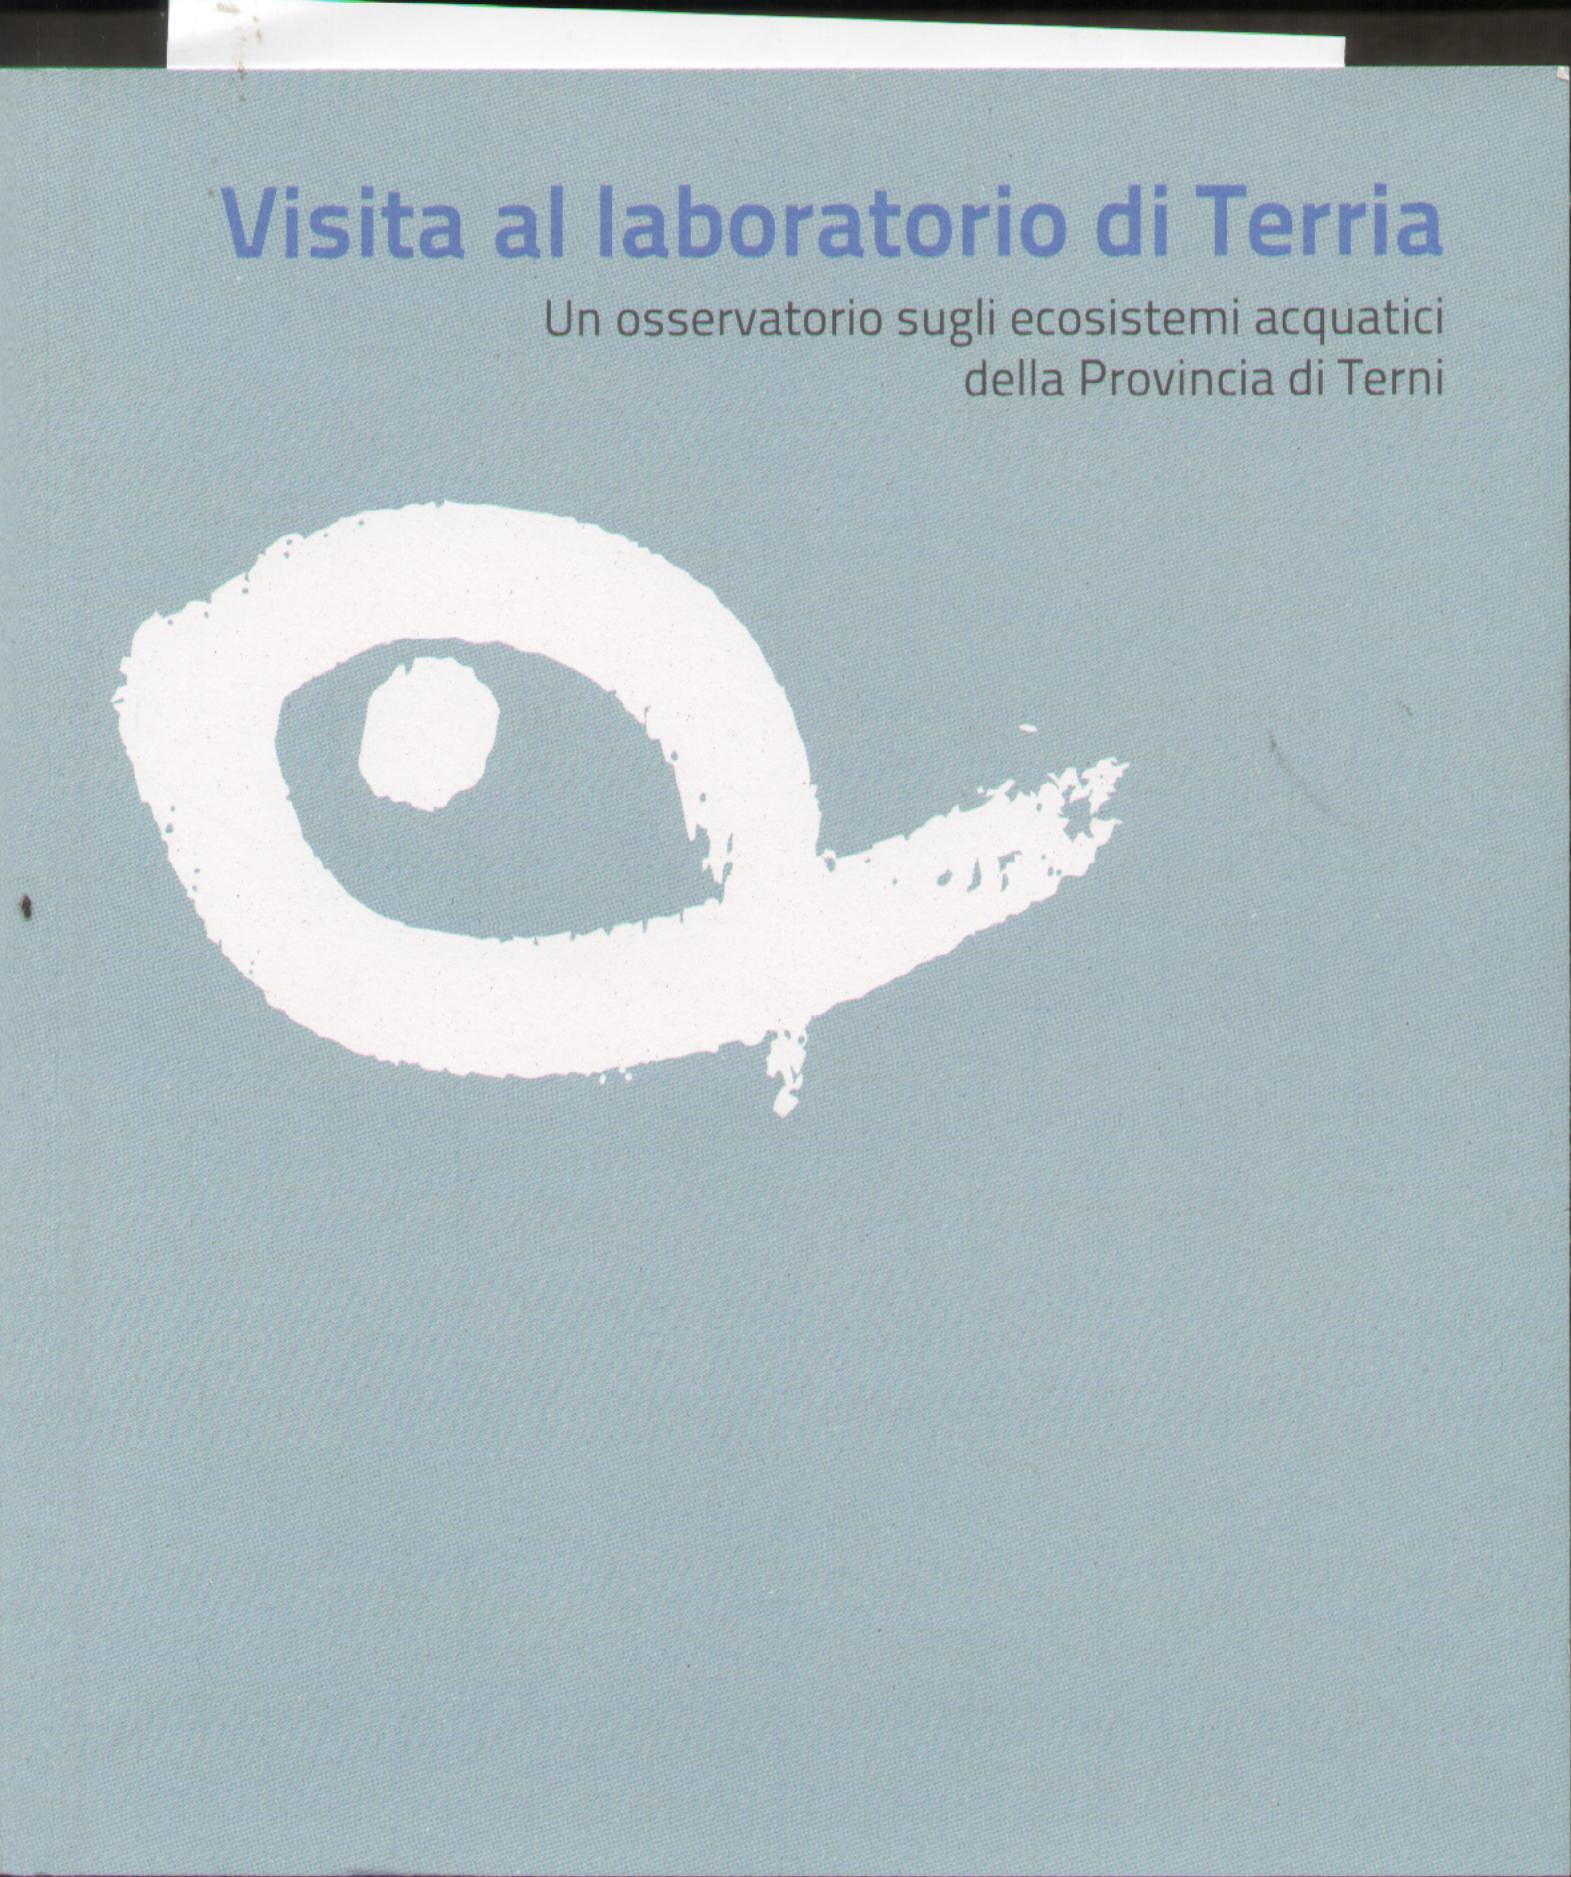 Visita al laboratorio di Terria